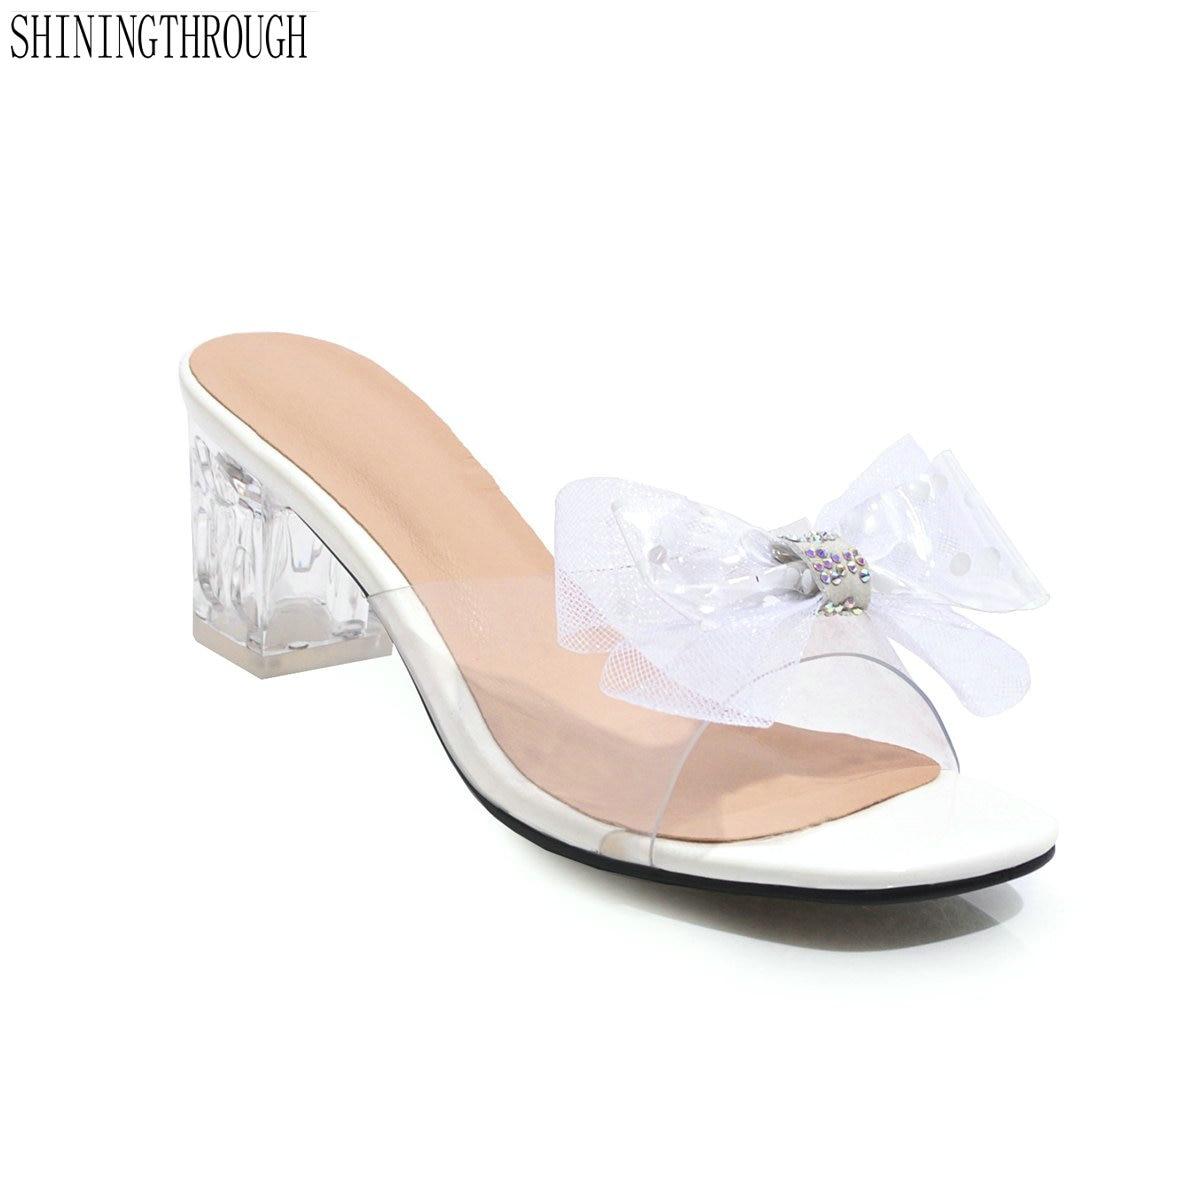 2019 Del Nuovo Del Pvc Pantofole Gelatina Sandali Open Toe Donne Tacco Quadrato Trasparente Perspex Pantofole Scarpe Tacco Argento Chiaro Beneficiale Per Lo Sperma